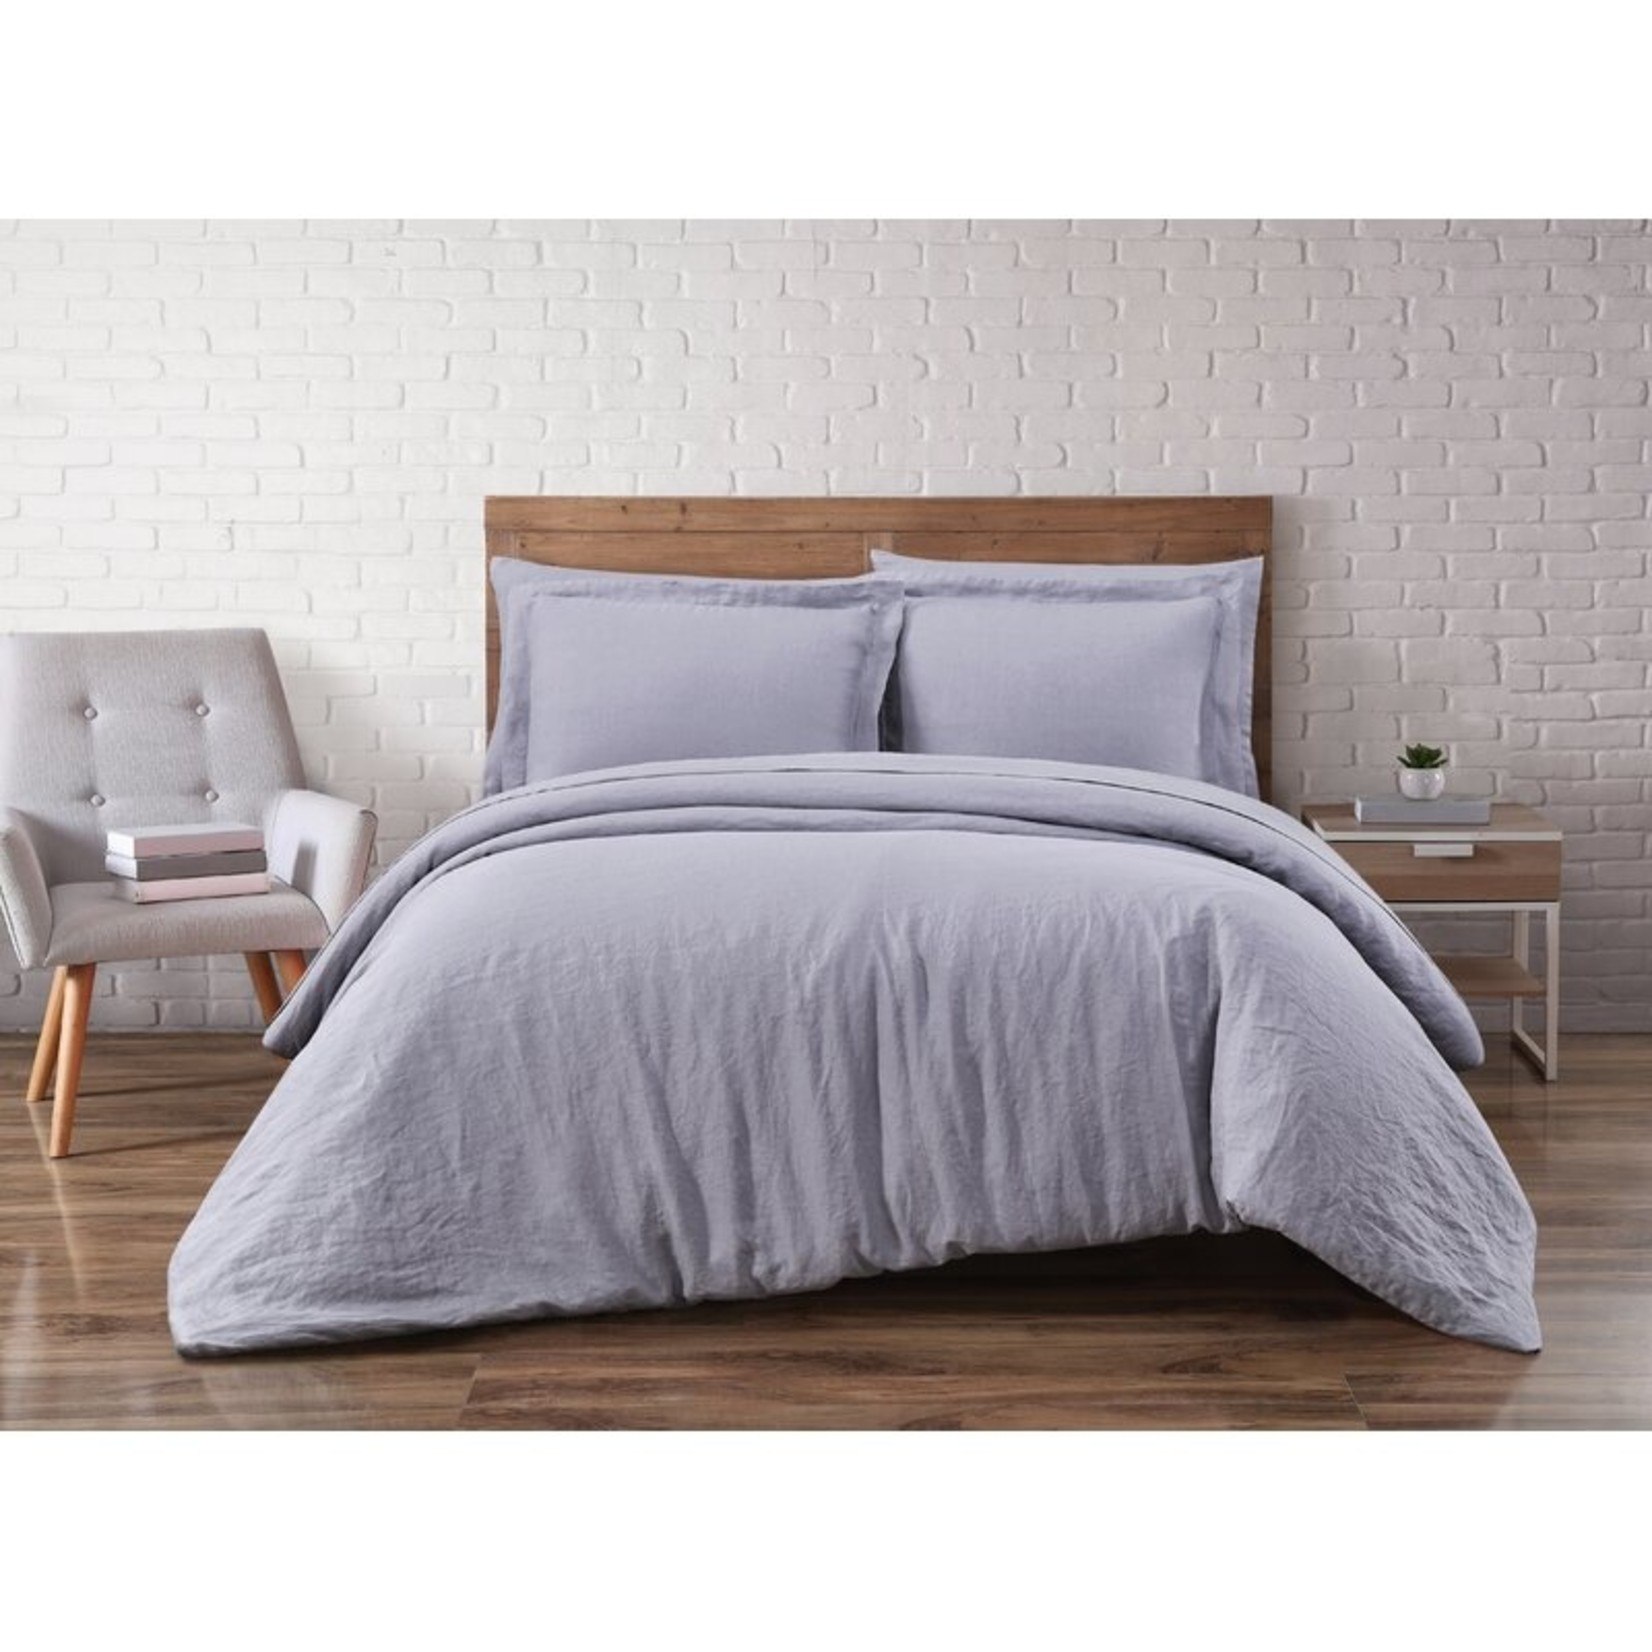 *Full/Queen - Beverly Linen 3 Piece Duvet Cover Set - Gray - Final Sale